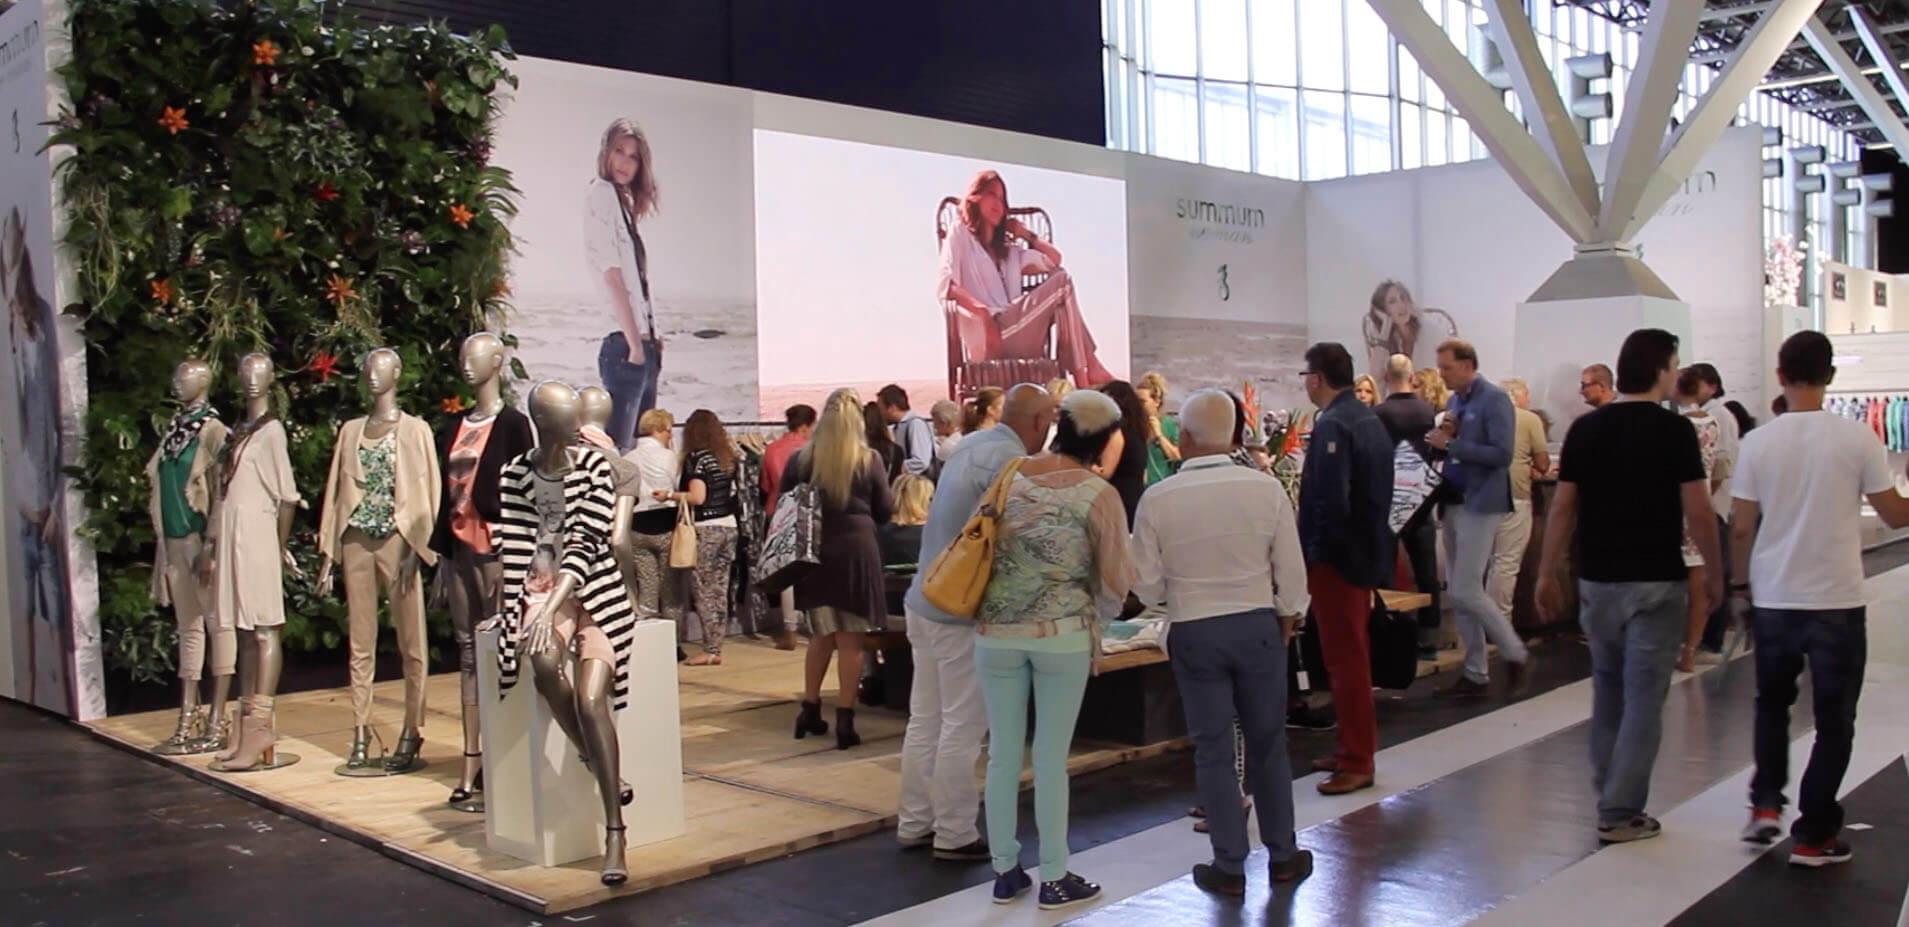 Summum op de Modefabriek. Een van de druk bezochtste stands.Deels te danken aan een gunstige plek en een goed design.